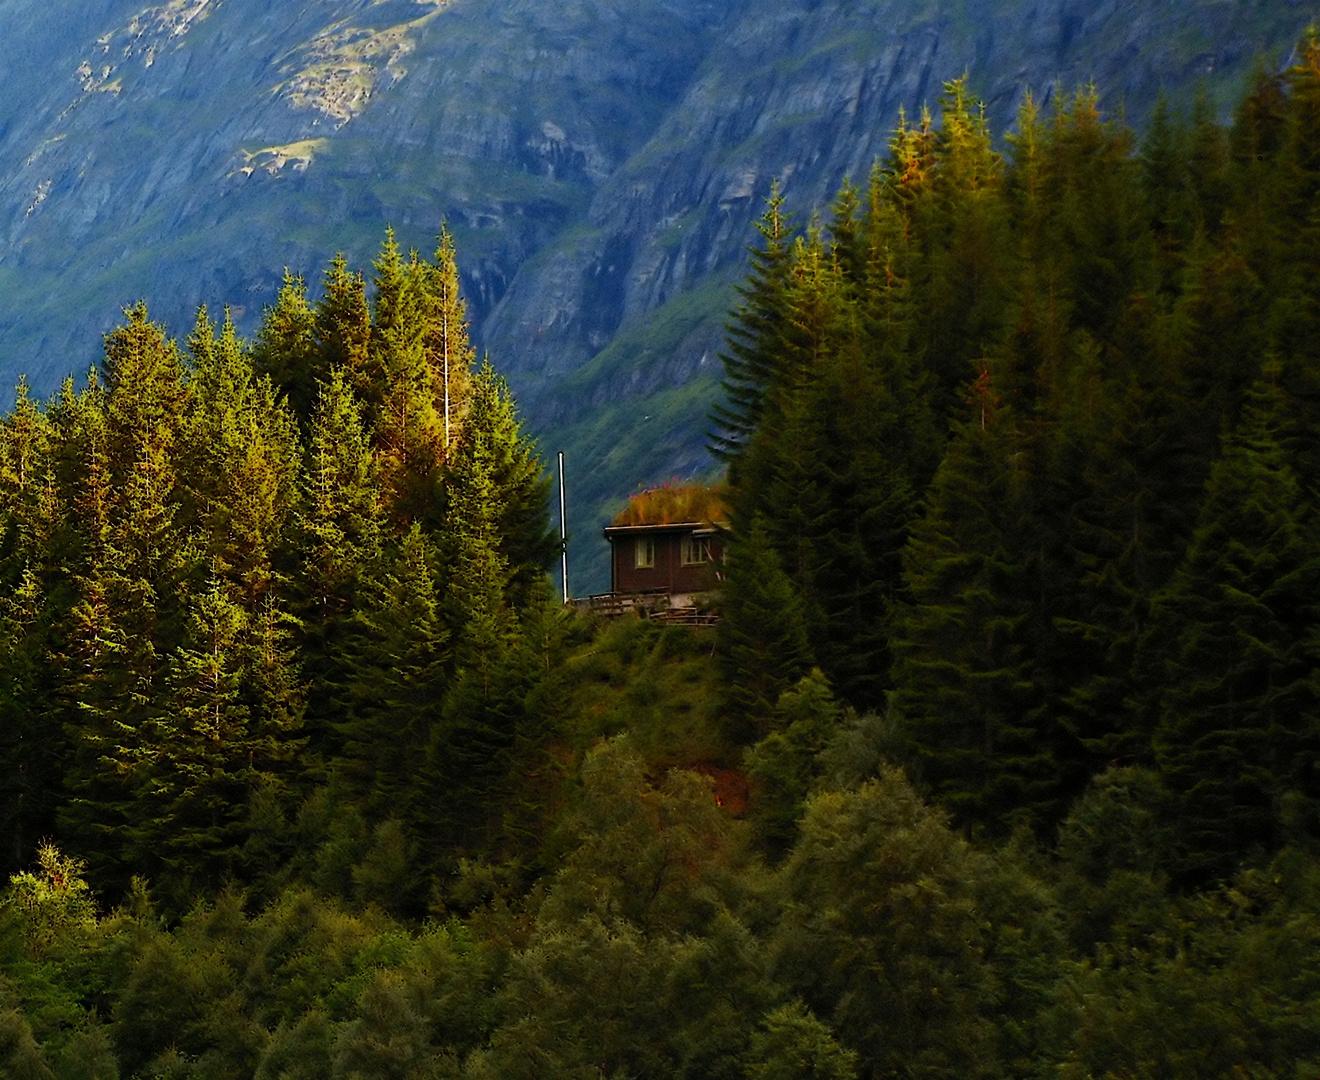 Umgeben von Bergen und Bäumen